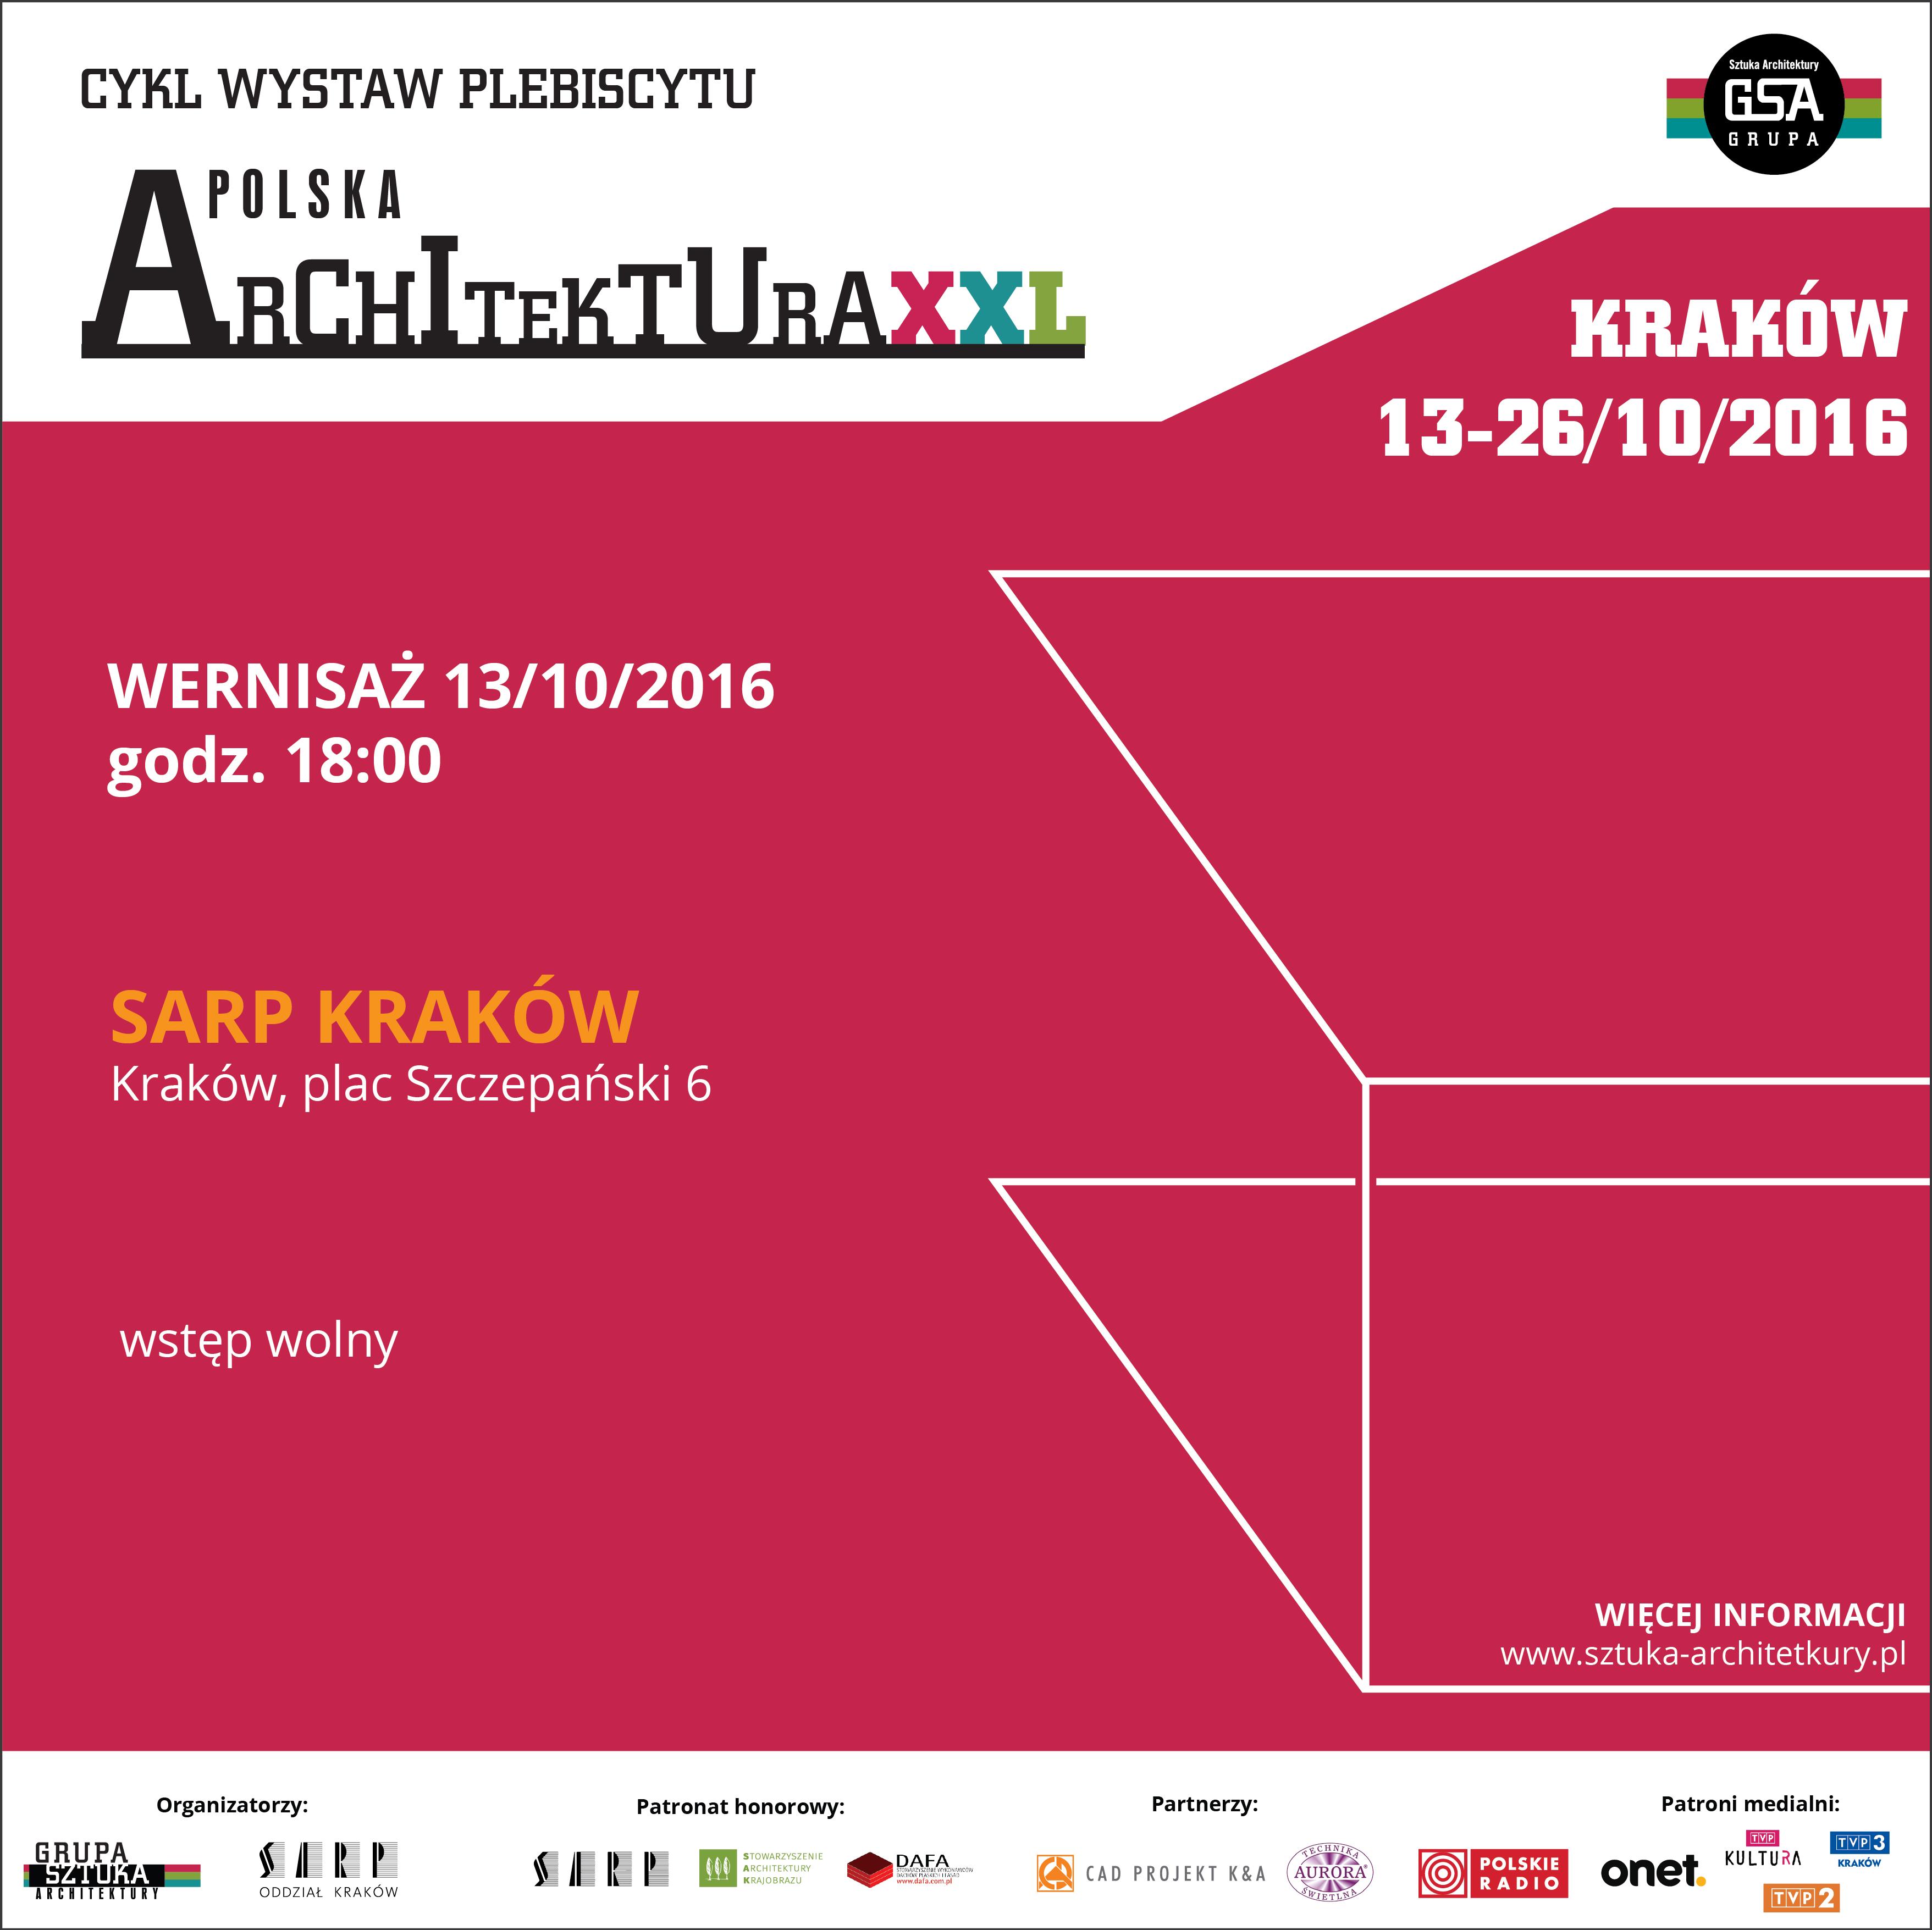 WYSTAWA POLSKA ARCHITEKTURA 2015 ODWIEDZI KRAKÓW